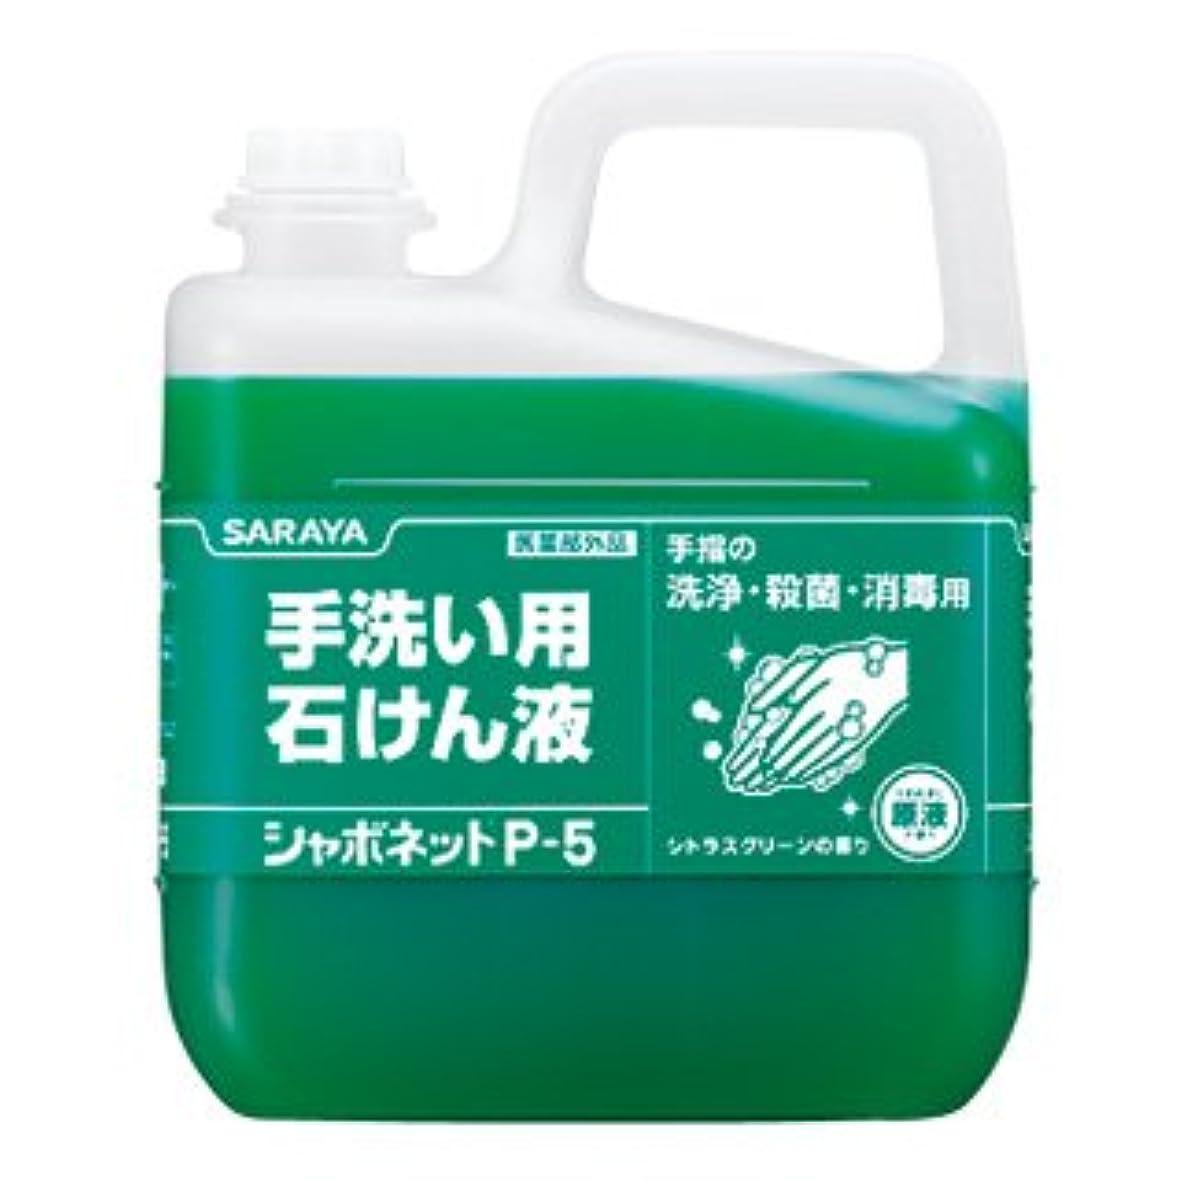 告白する組み込むきしむサラヤ シャボネット P-5 5kg×3 シトラスグリーンの香り